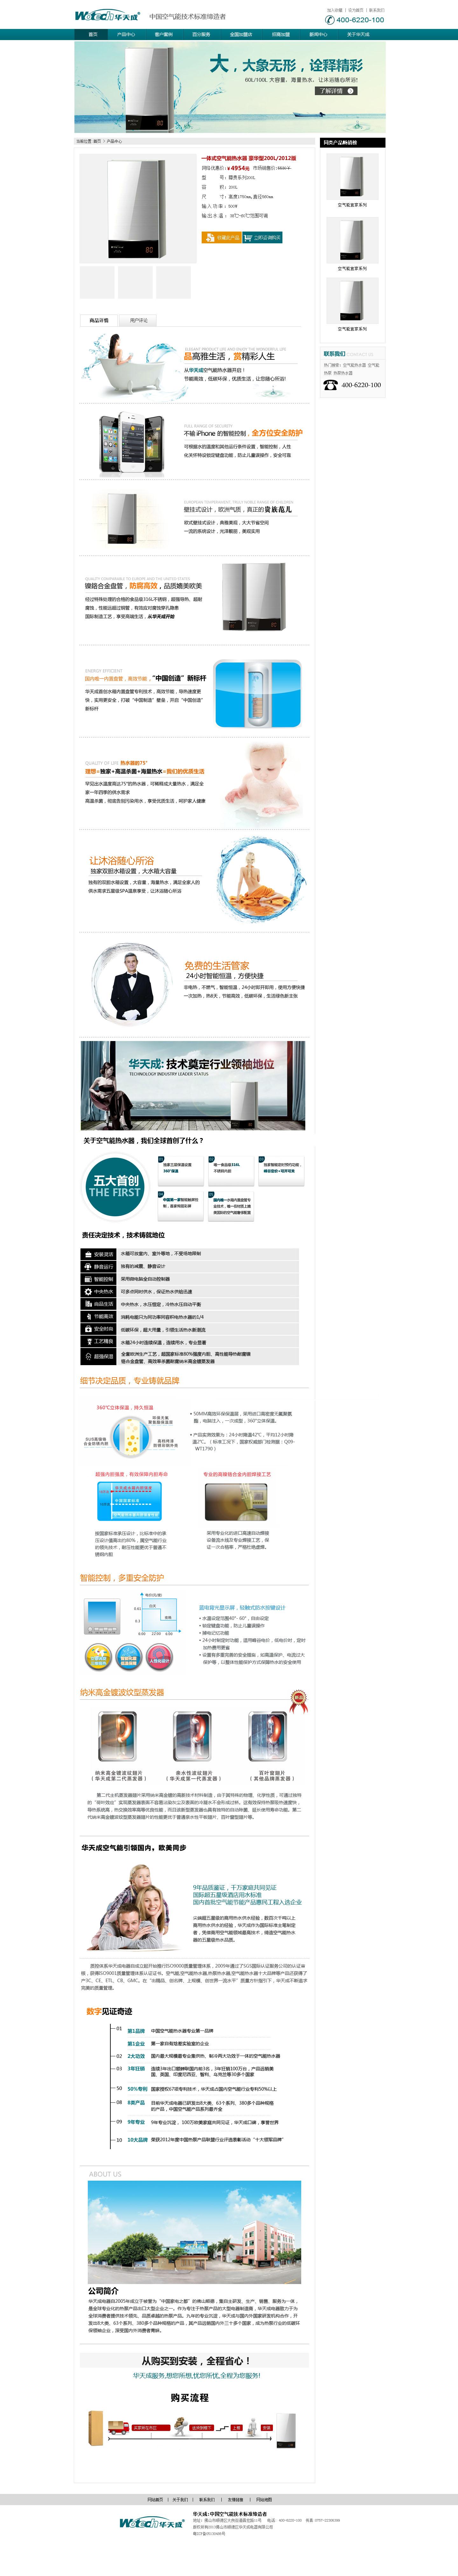 空气能技术标准缔造者华天成营销型网站策划建设